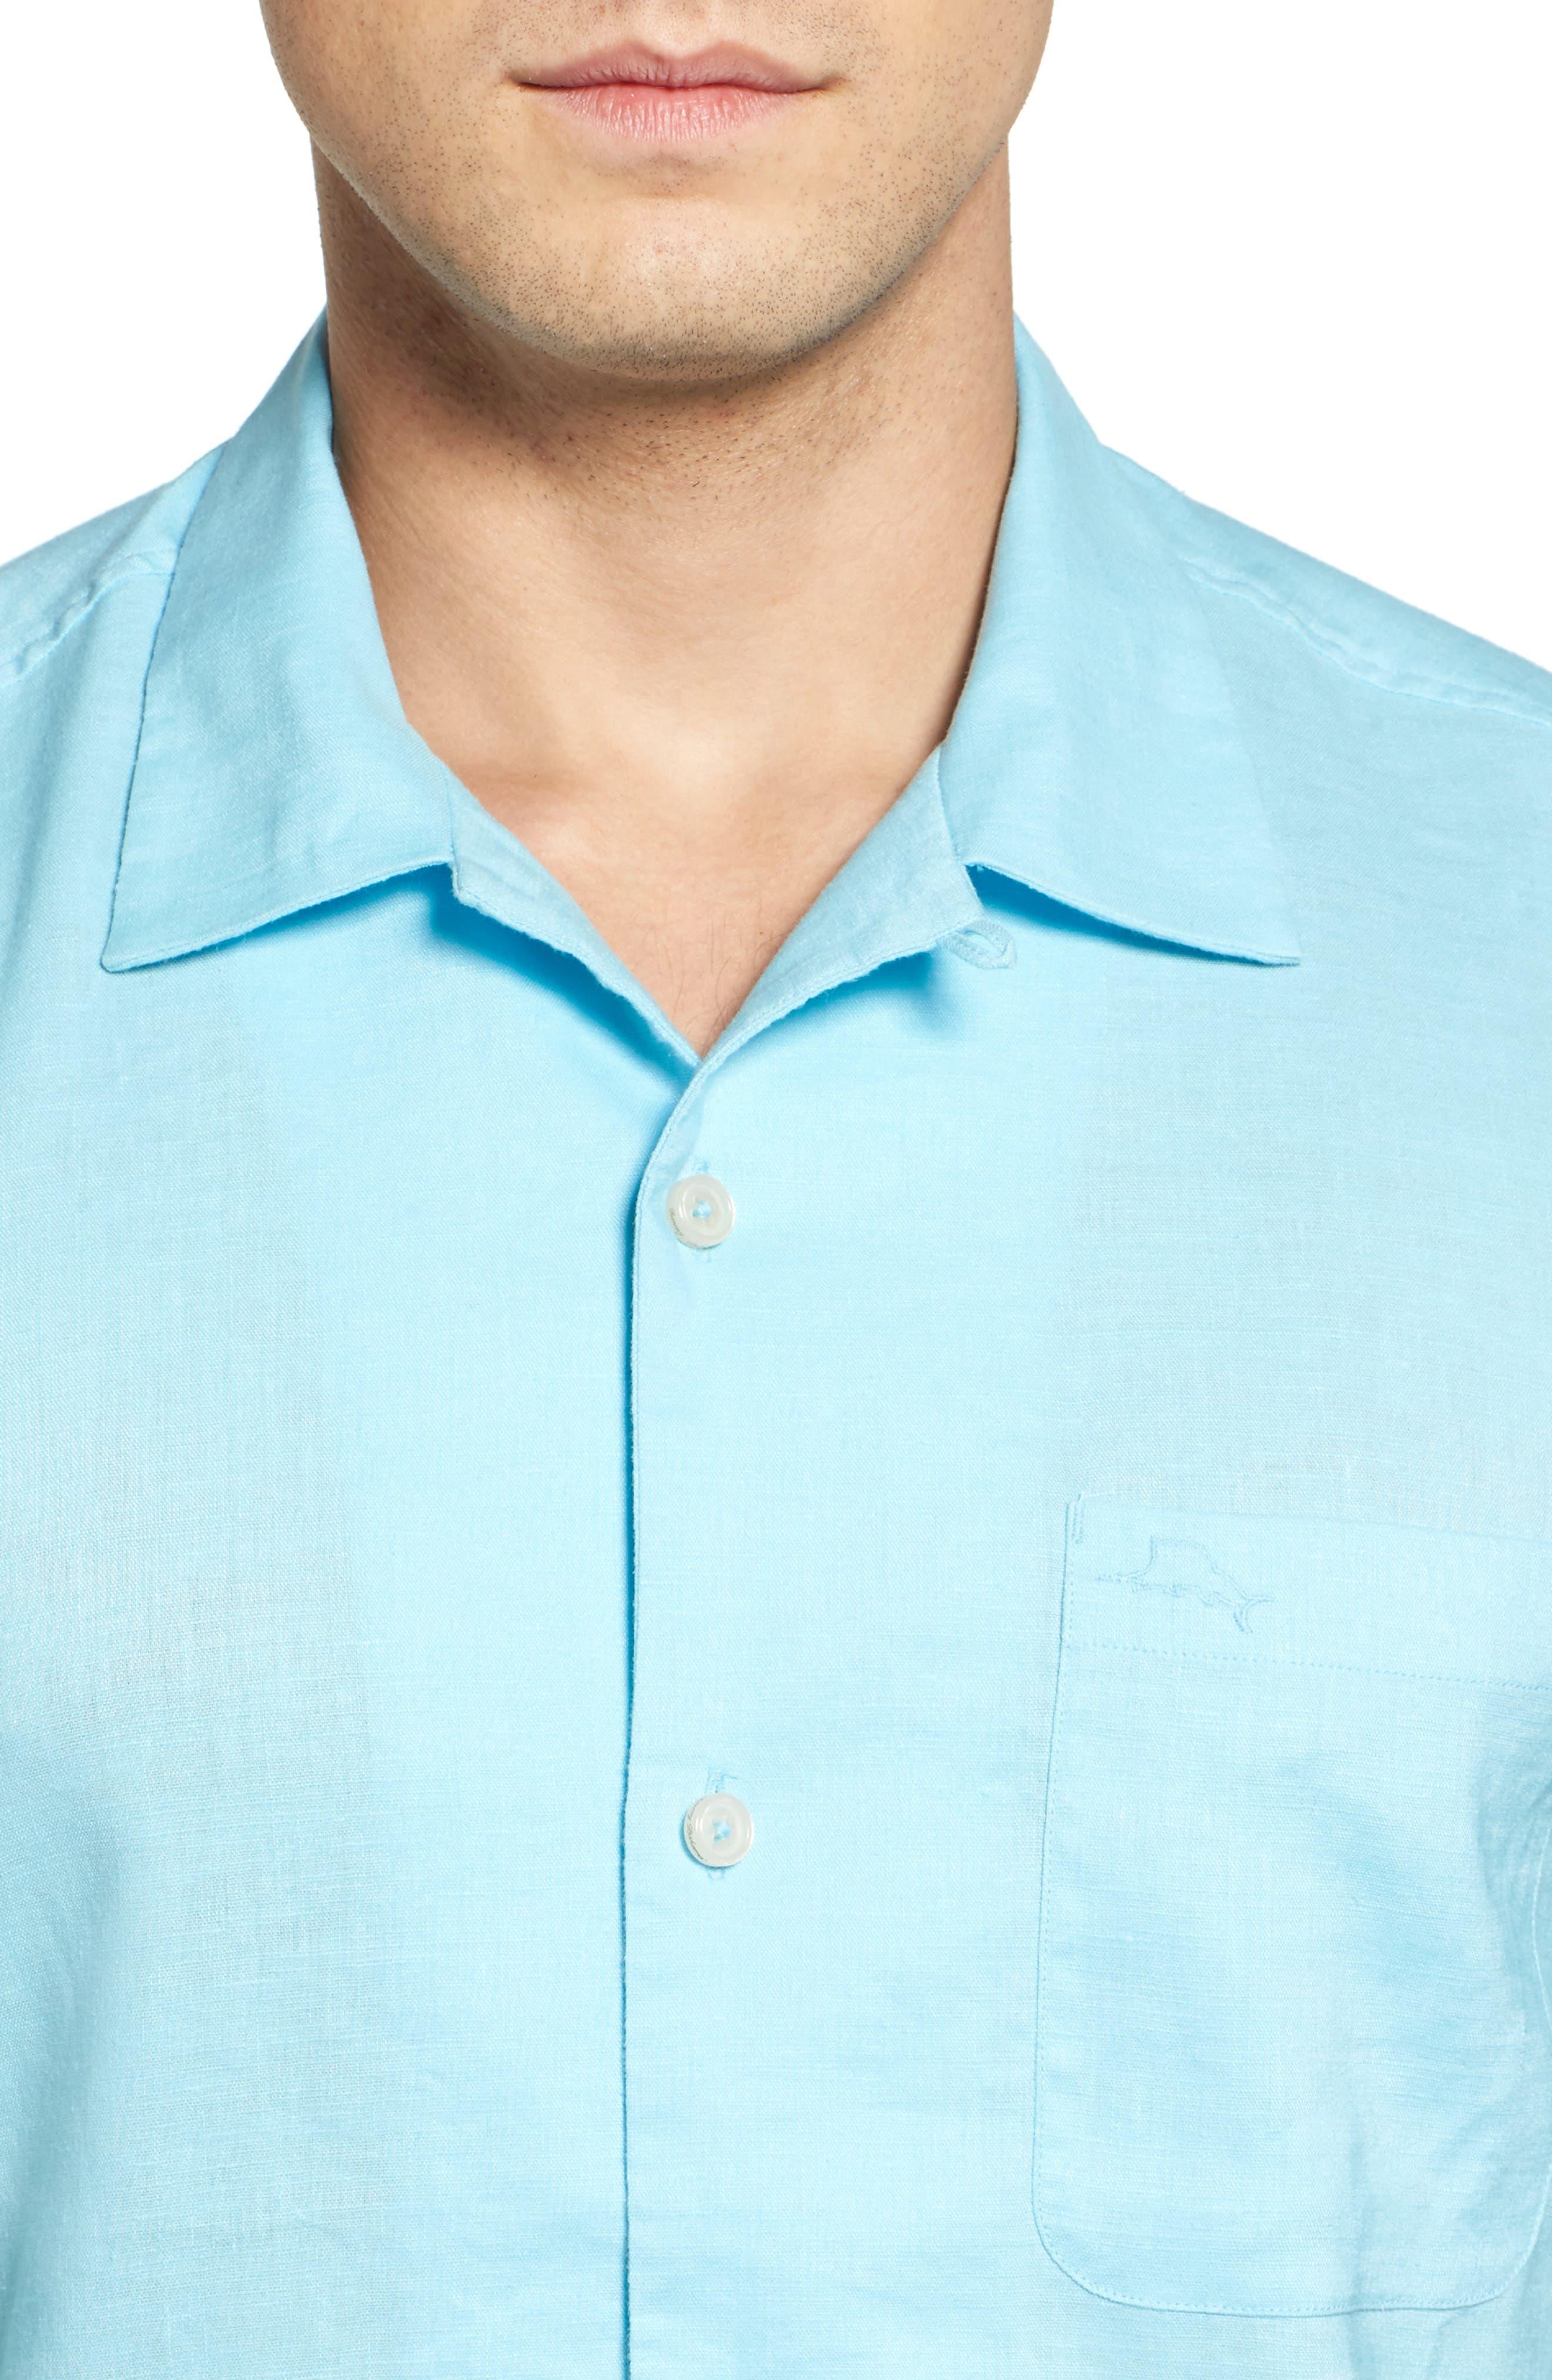 Monaco Tides Standard Fit Linen Blend Camp Shirt,                             Alternate thumbnail 22, color,